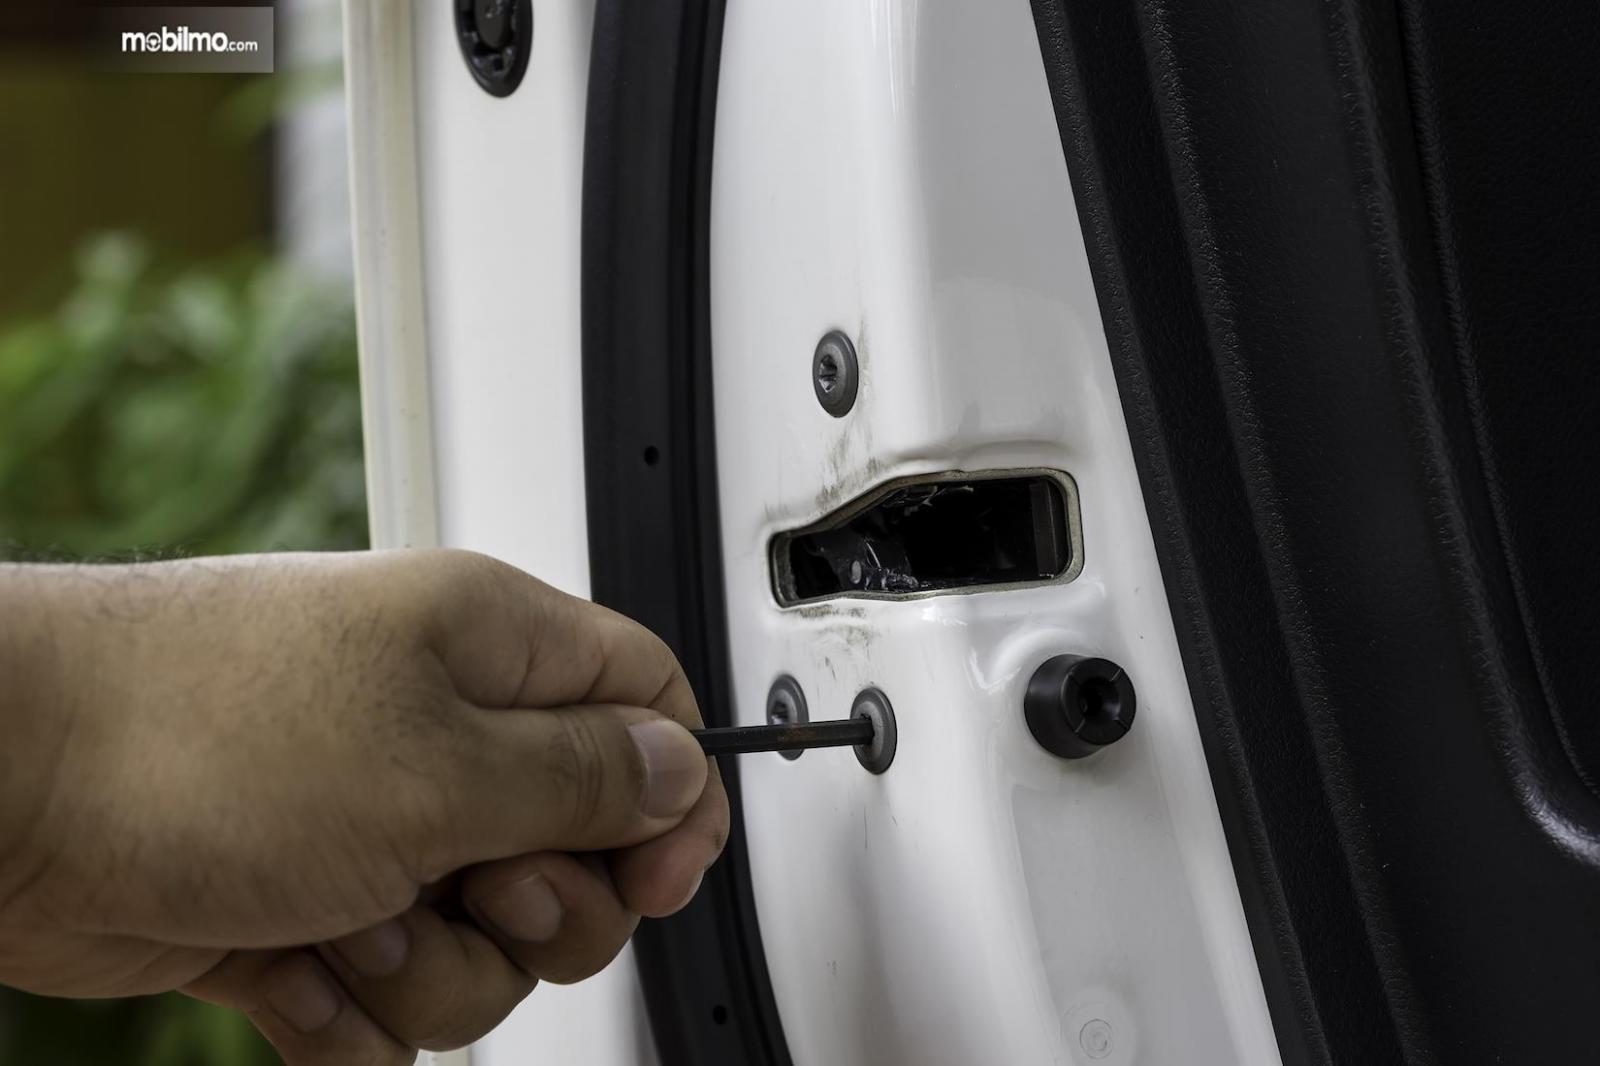 Komponen lain yang menjadi penyebab pintu mobil sulit dibuka atau ditutup